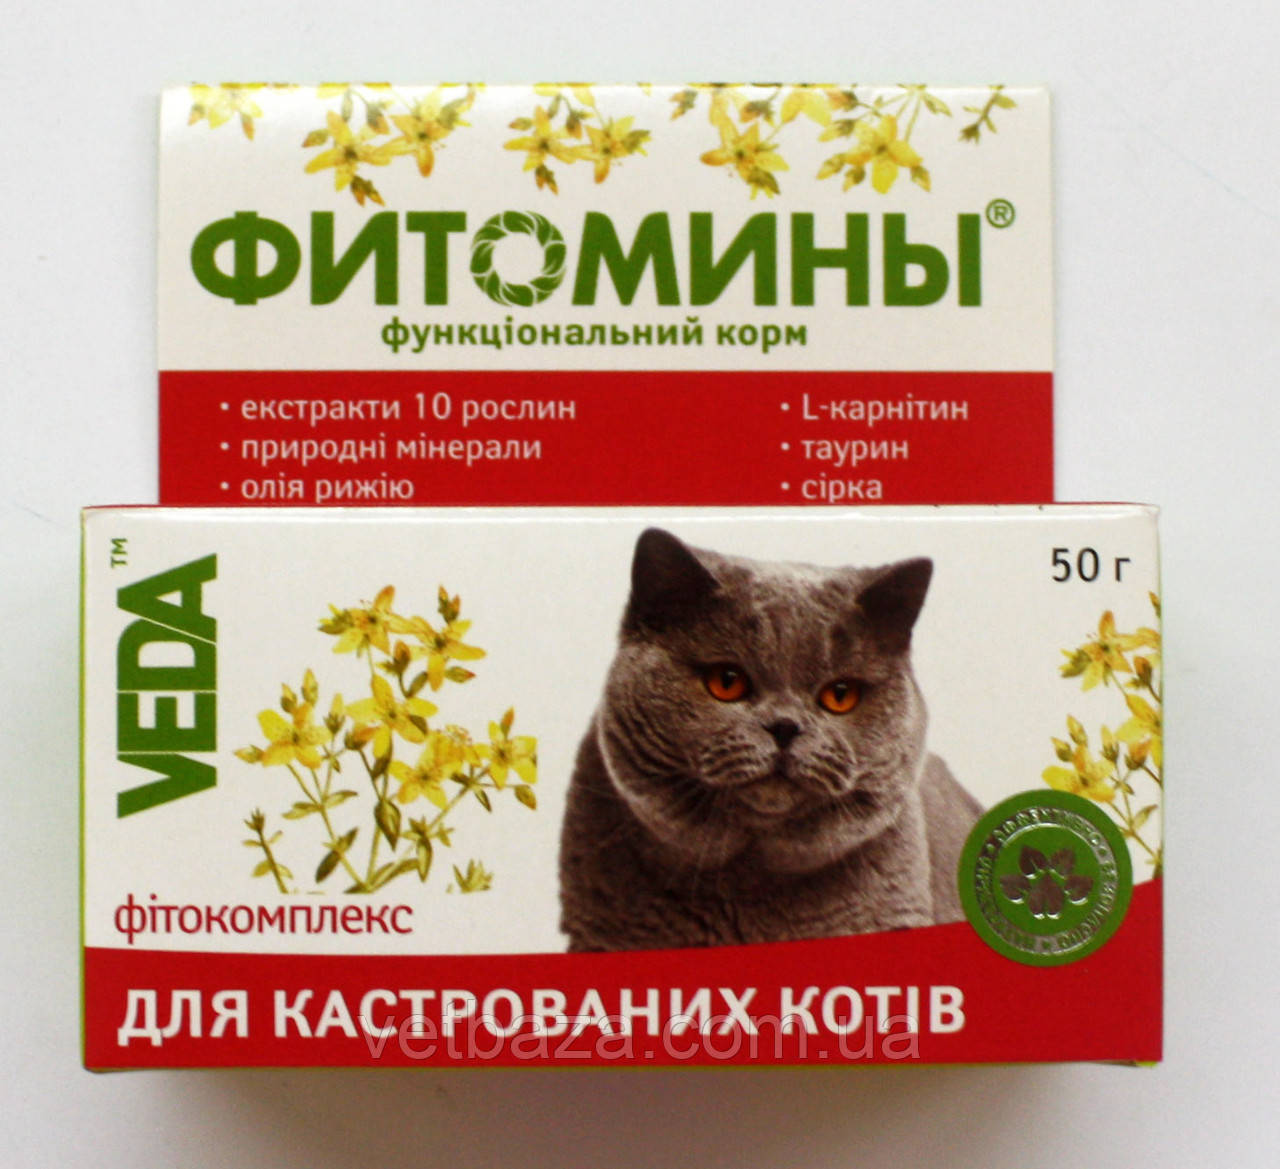 Витамины Фитомины с фитокомплексом для кастрированых кошек  №100 ВЕДА